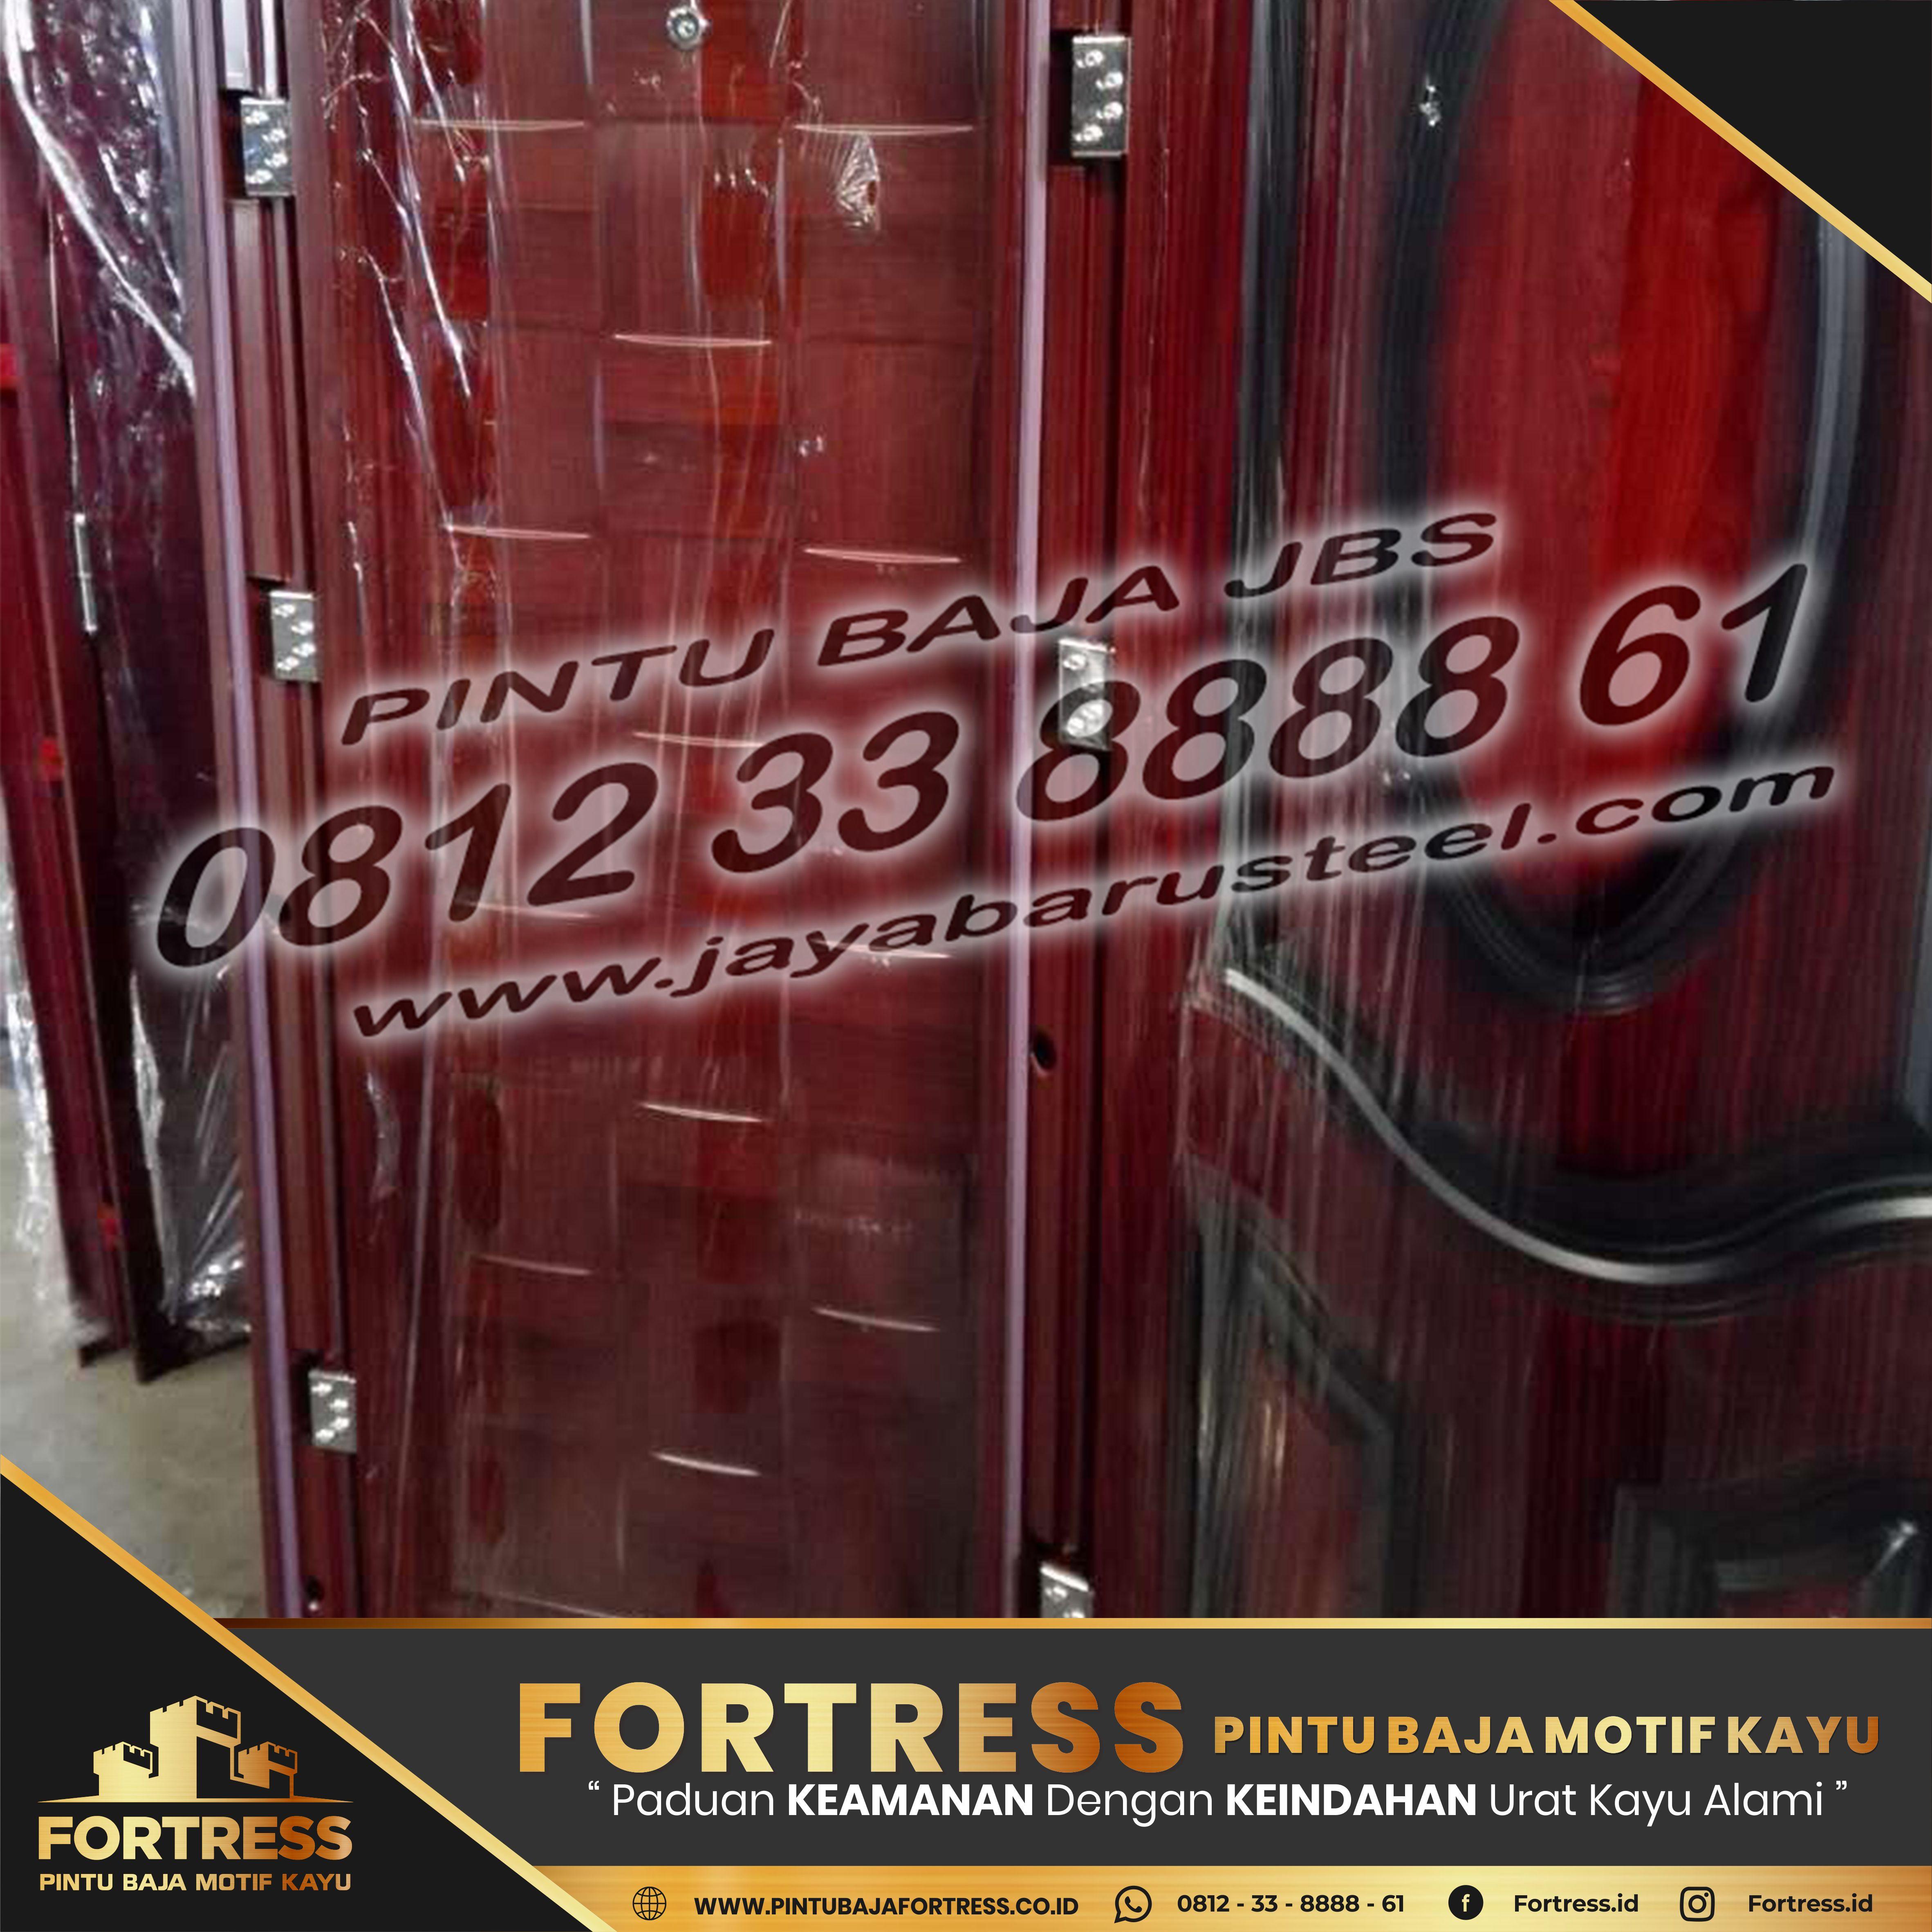 0812-91-6261-07 (JBS) Palembang Steel Doors And Frames